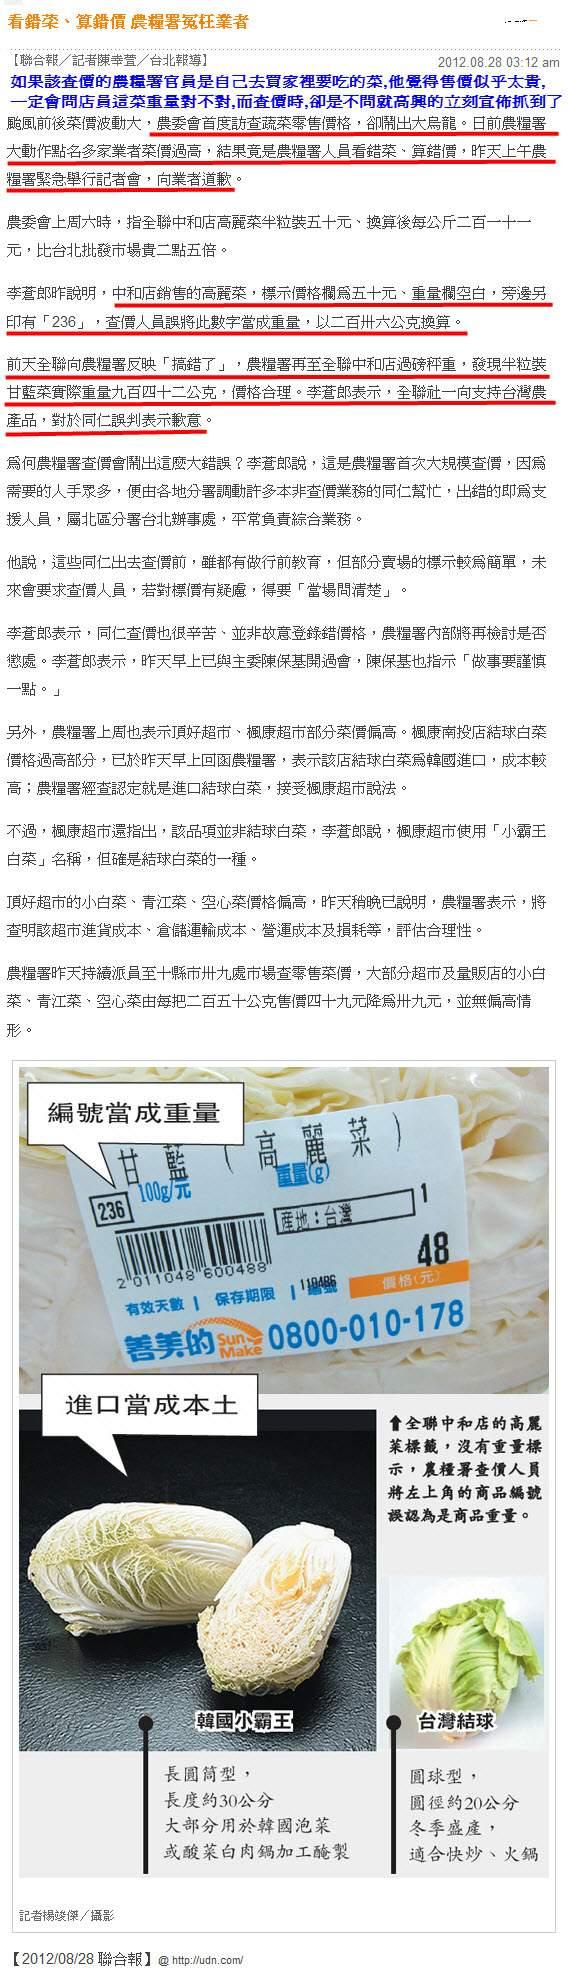 看錯菜、算錯價 農糧署冤枉業者-2012.08.28